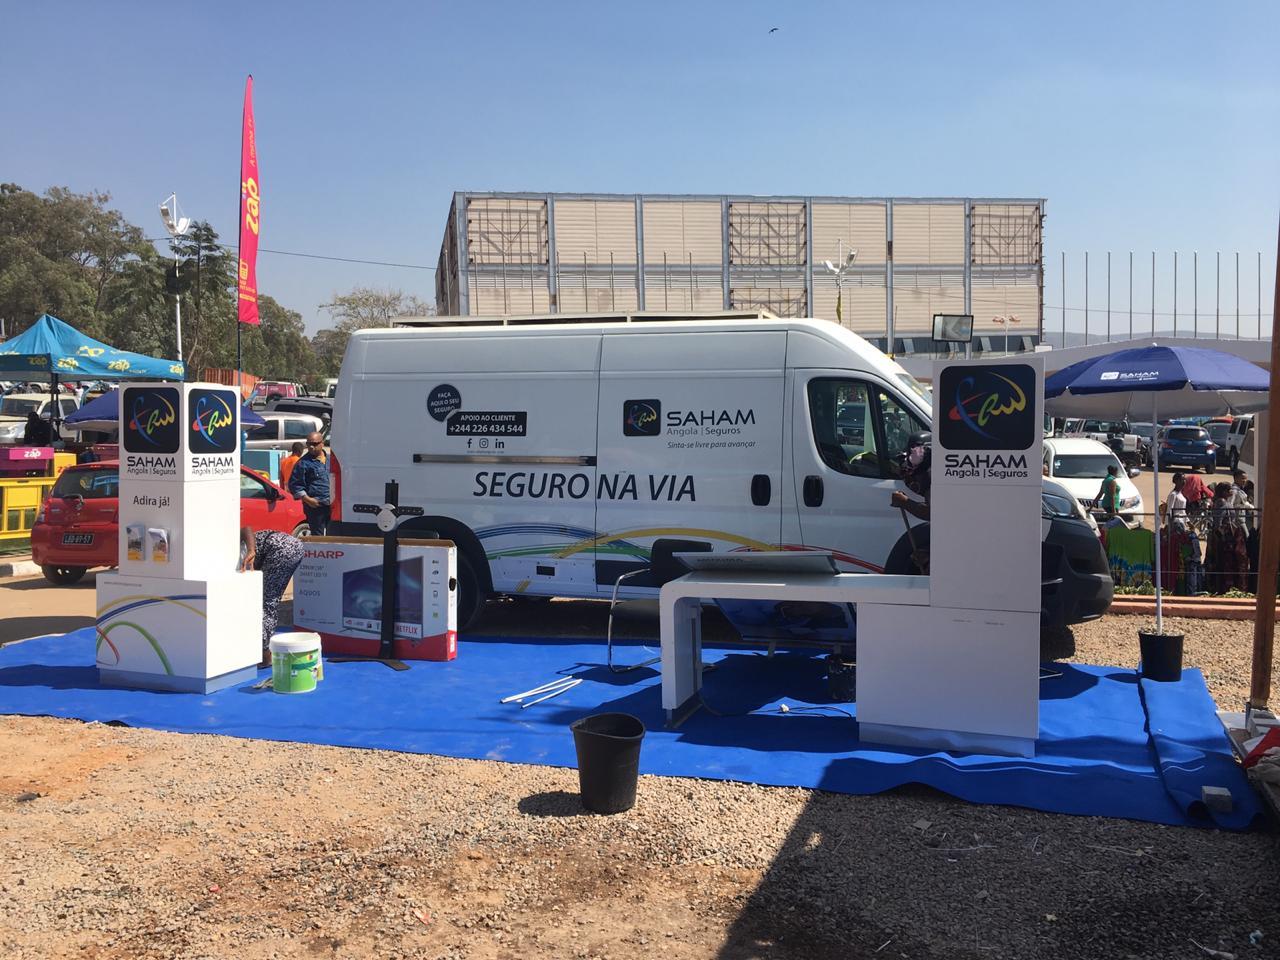 """Saham Angola conquista o prémio de """"Melhor Stand"""" na Expo-Huíla."""